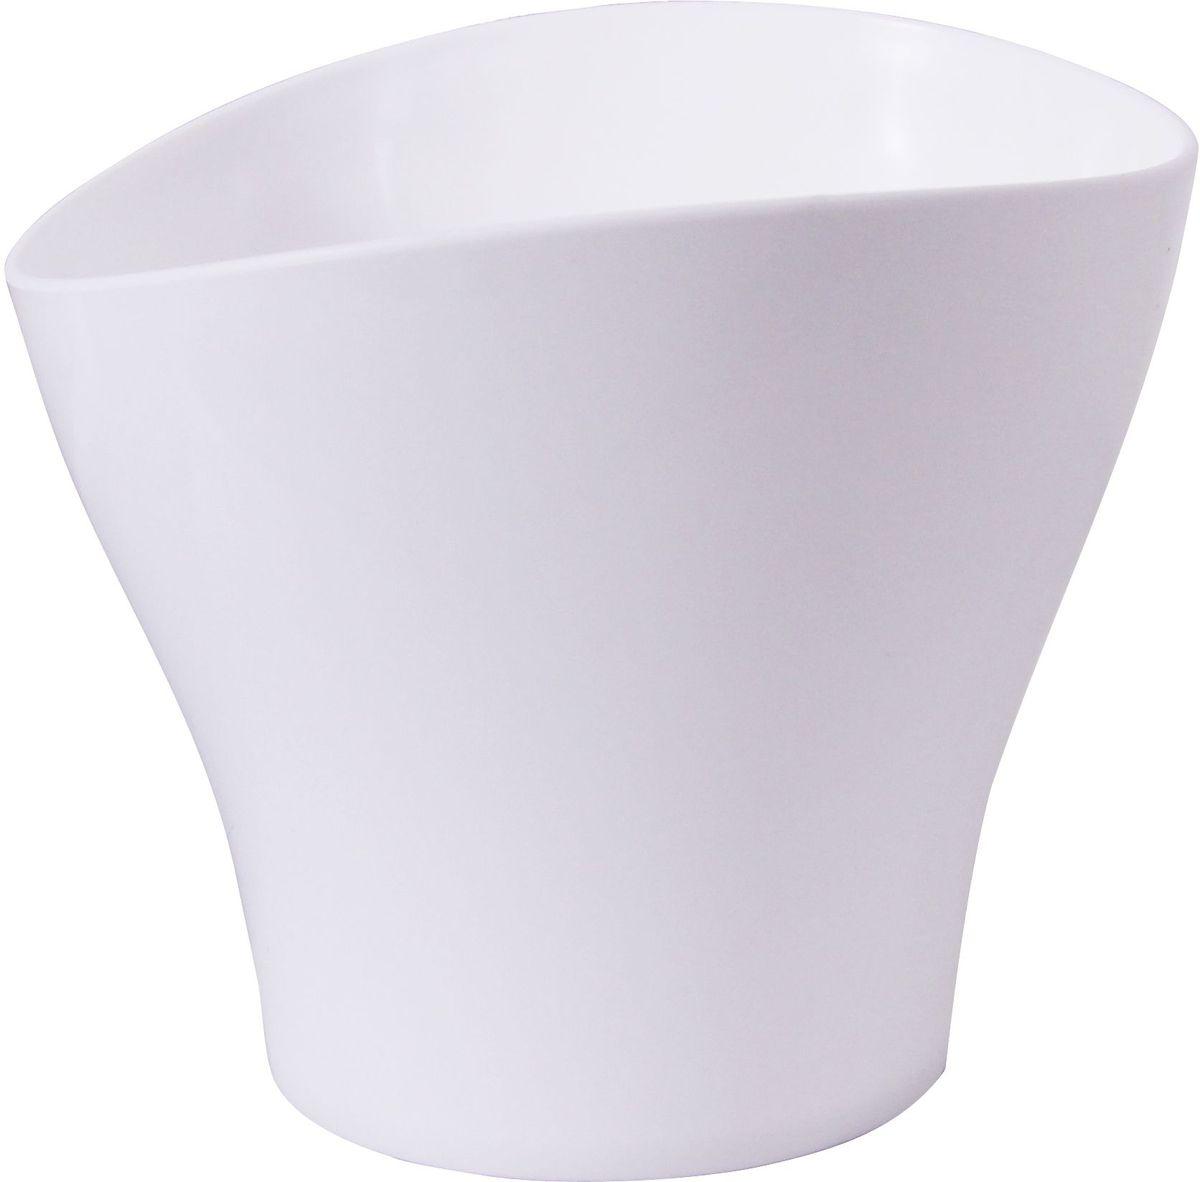 Кашпо Idea Волна, цвет: белый, 1,6 лМ 3103Кашпо Idea Волна изготовлено из прочного полипропилена (пластика) и предназначено для выращивания растений, цветов и трав в домашних условиях. Такое кашпо порадует вас функциональностью, а благодаря лаконичному дизайну впишется в любой интерьер помещения. Объем кашпо: 1,6 л.